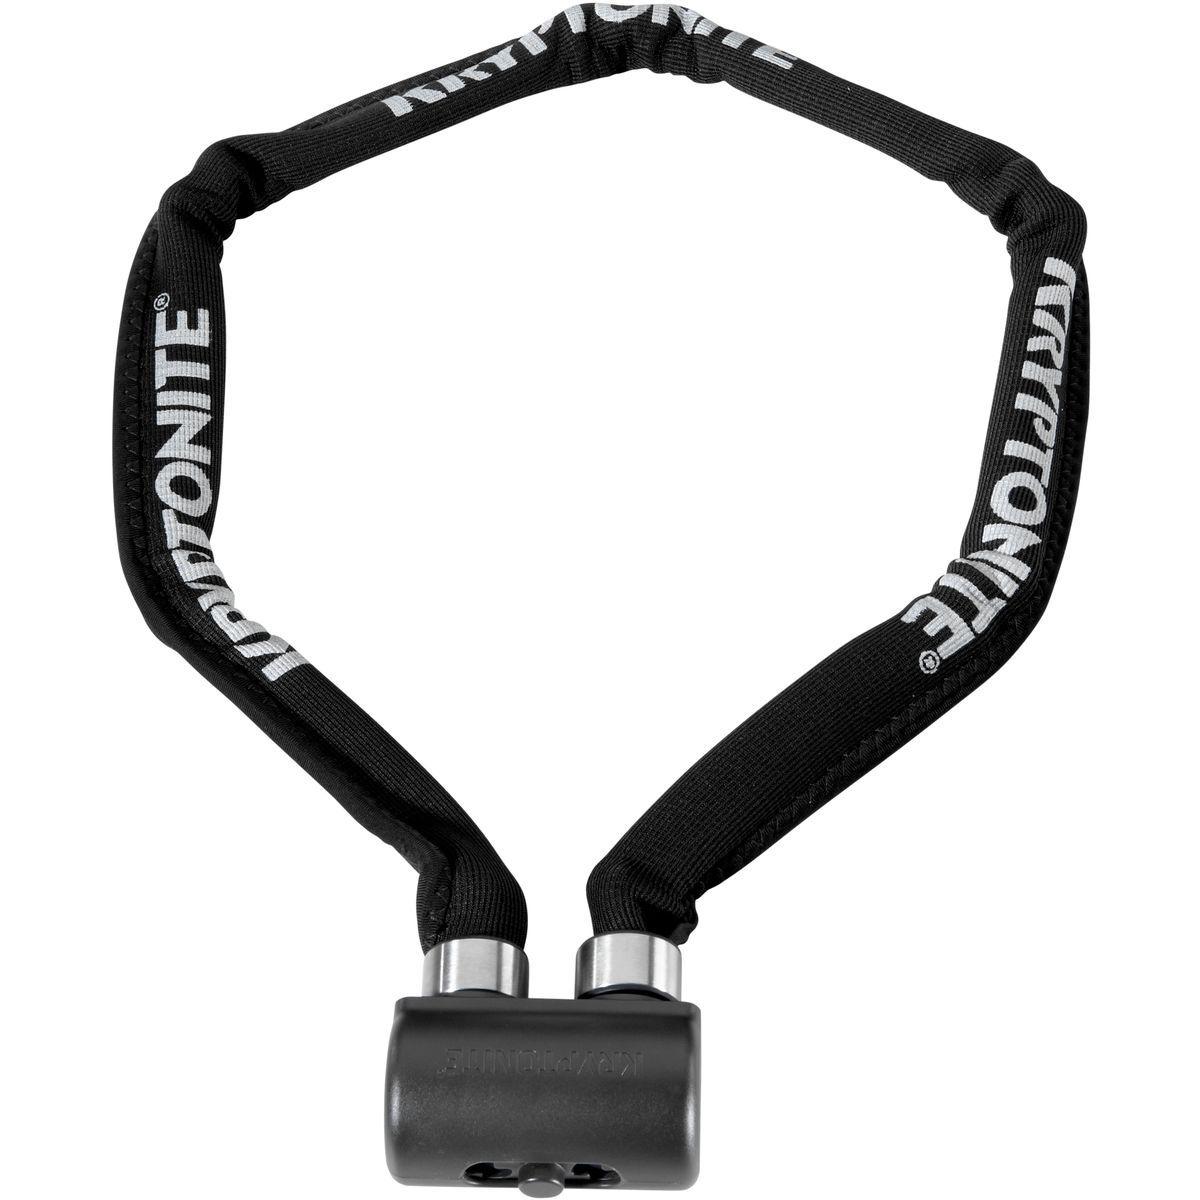 Kryptonite Keeper 810 Folding Lock Key Lock Bike Accessories